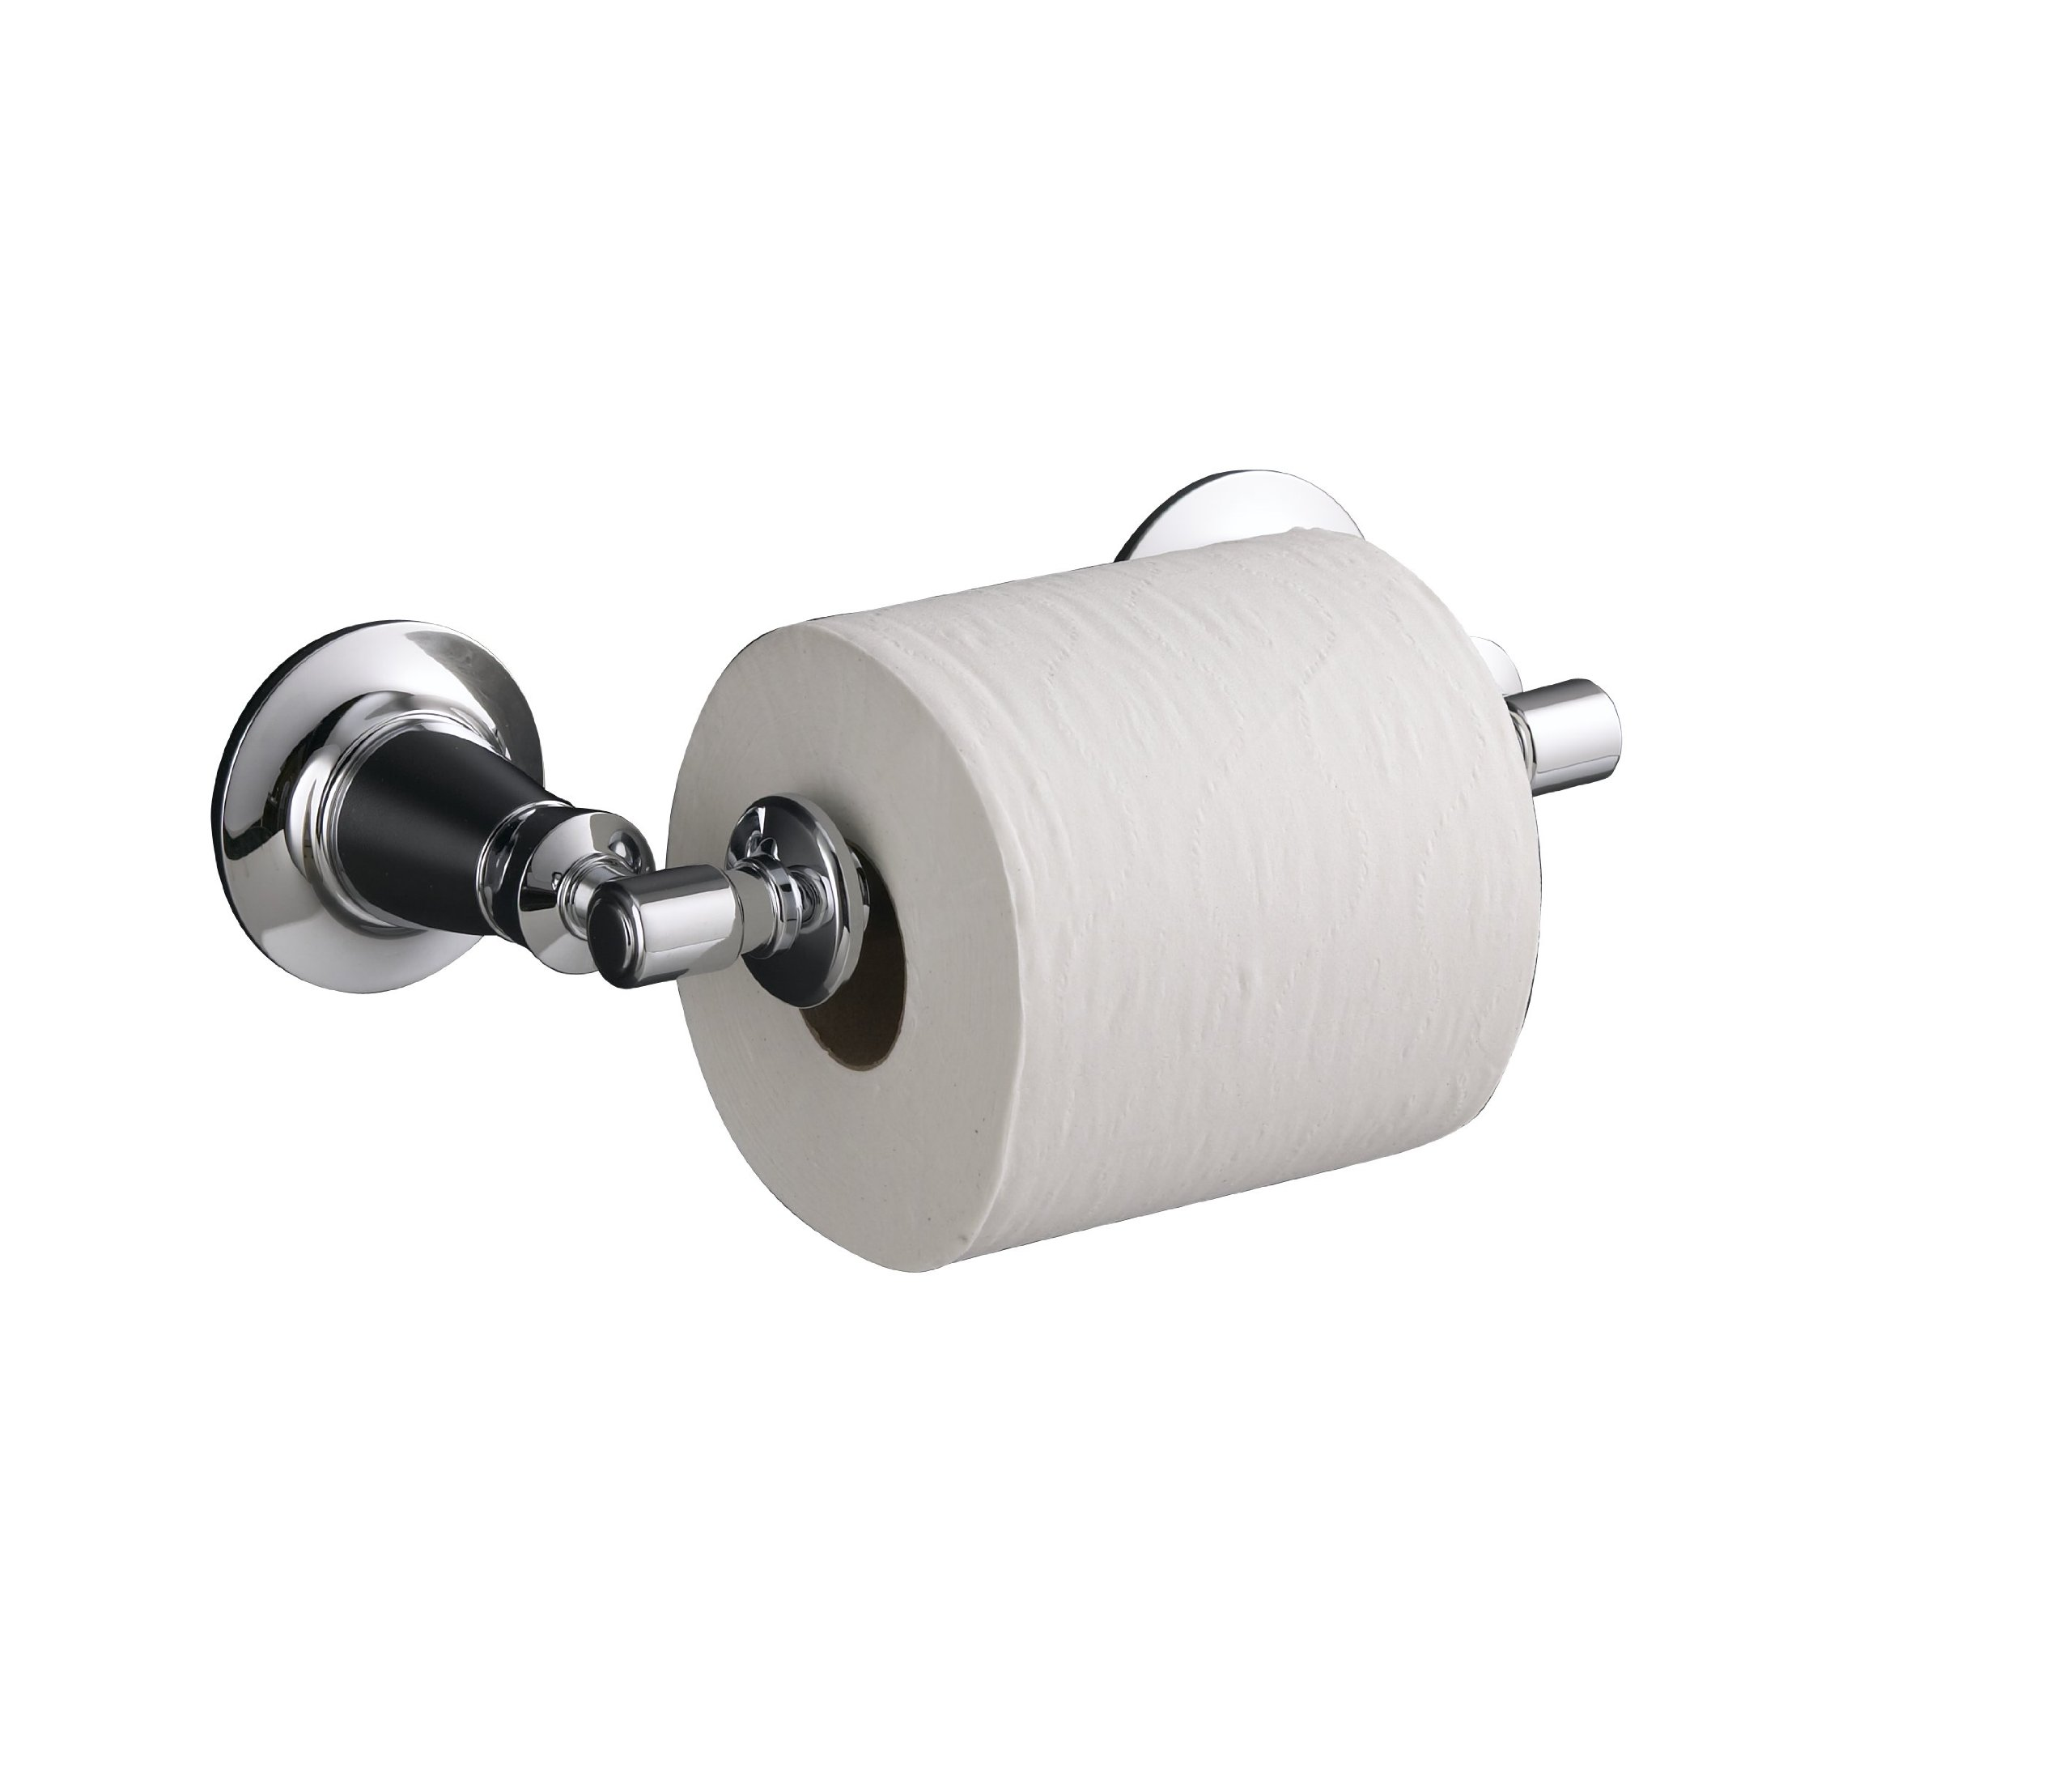 Kohler K-11054-CP Archer Toilet Tissue Holder, Polished Chrome